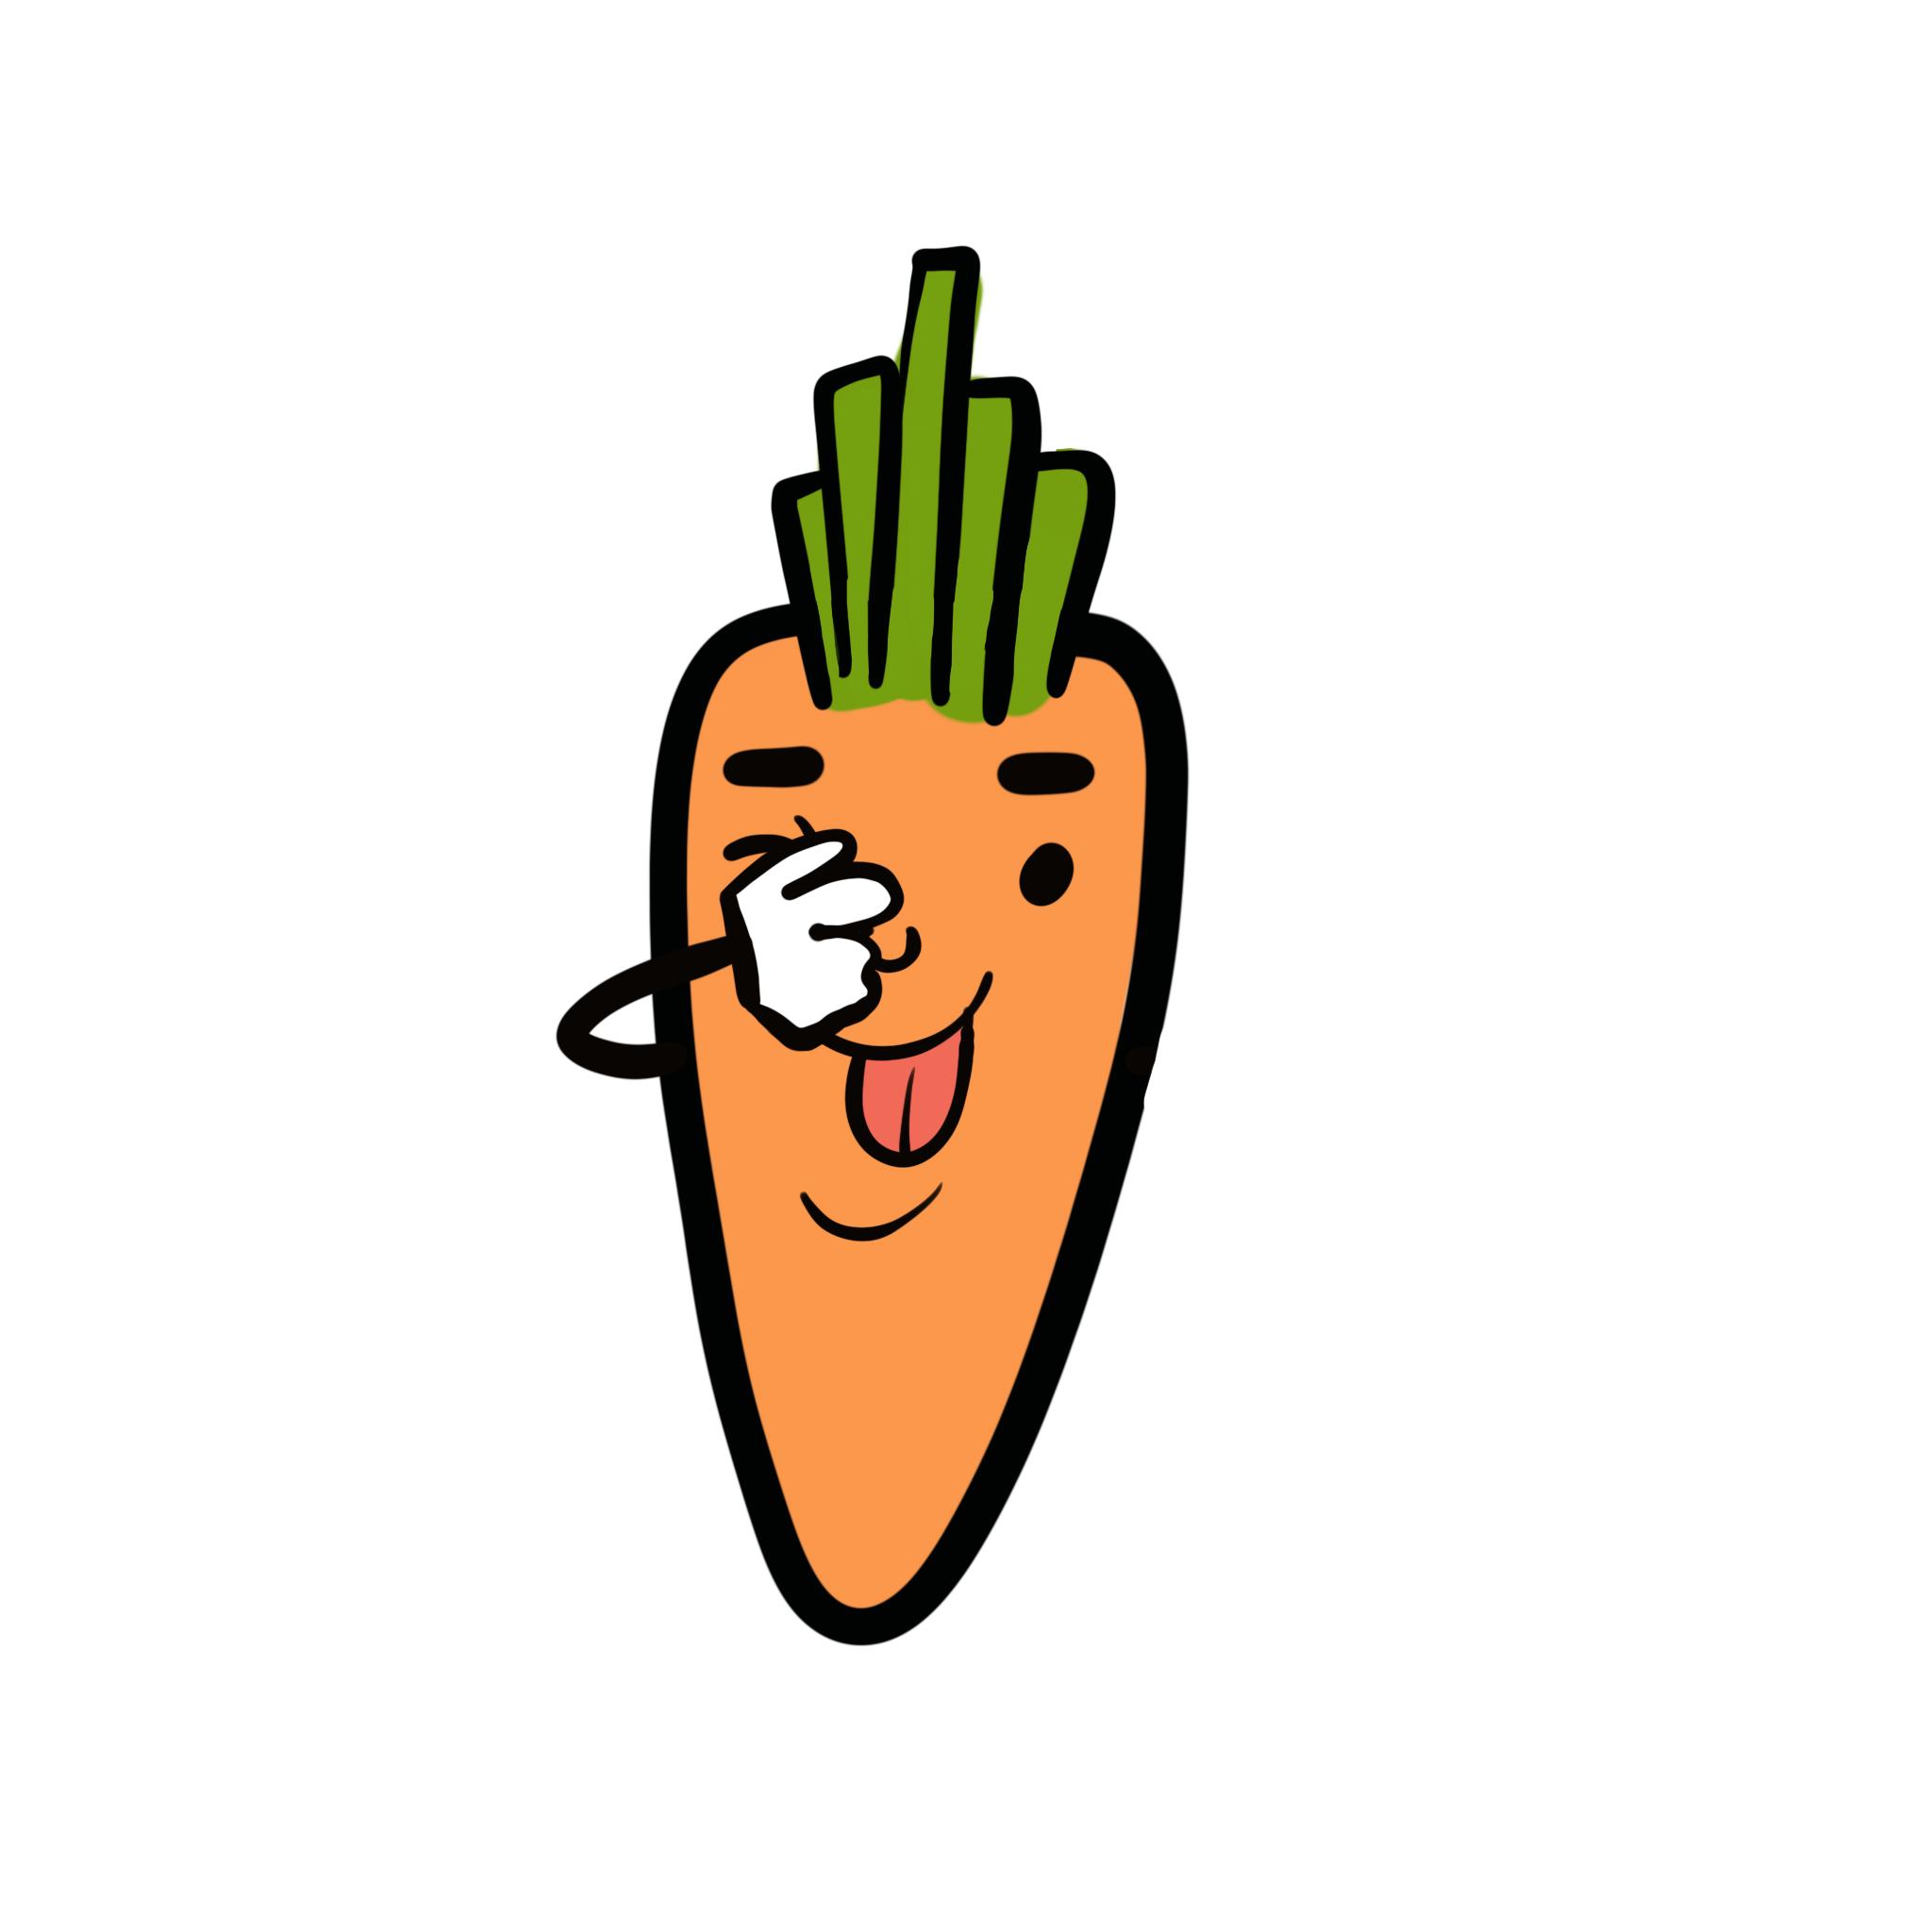 Veggies Stickers.NhiH messages sticker-10